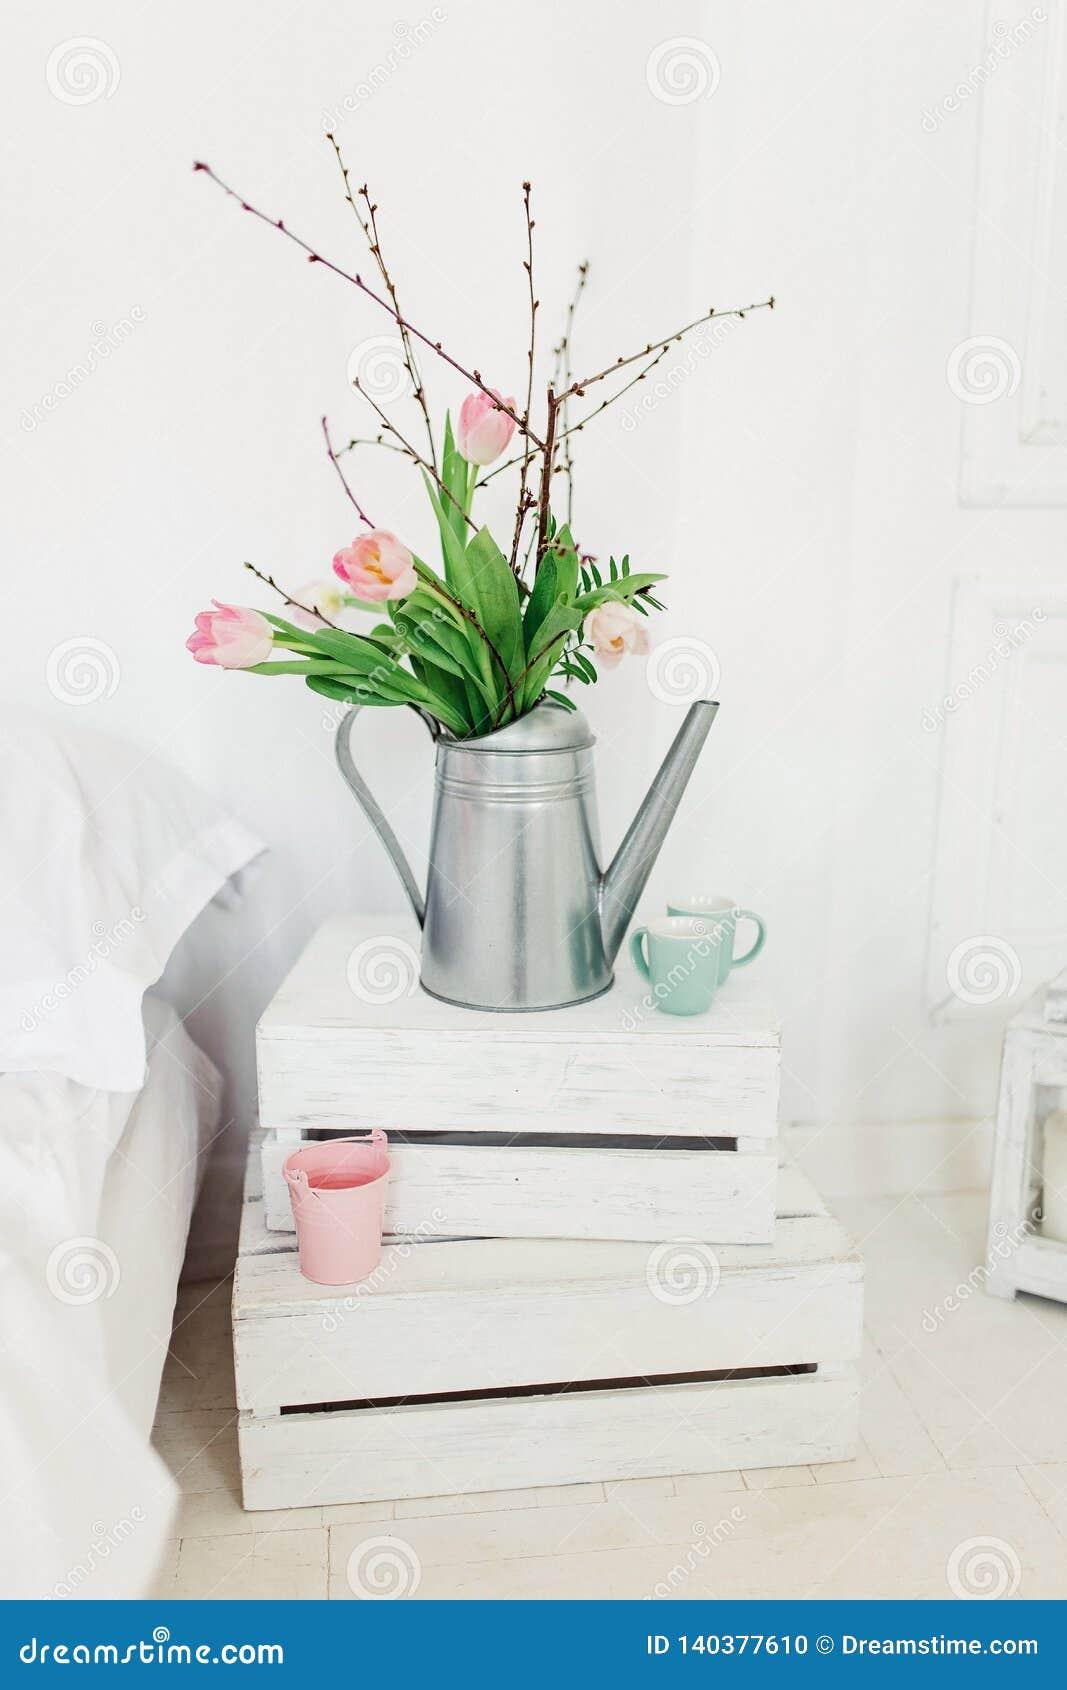 Zinchi l annaffiatoio con i tulipani rosa sopra fondo bianco in camera da letto